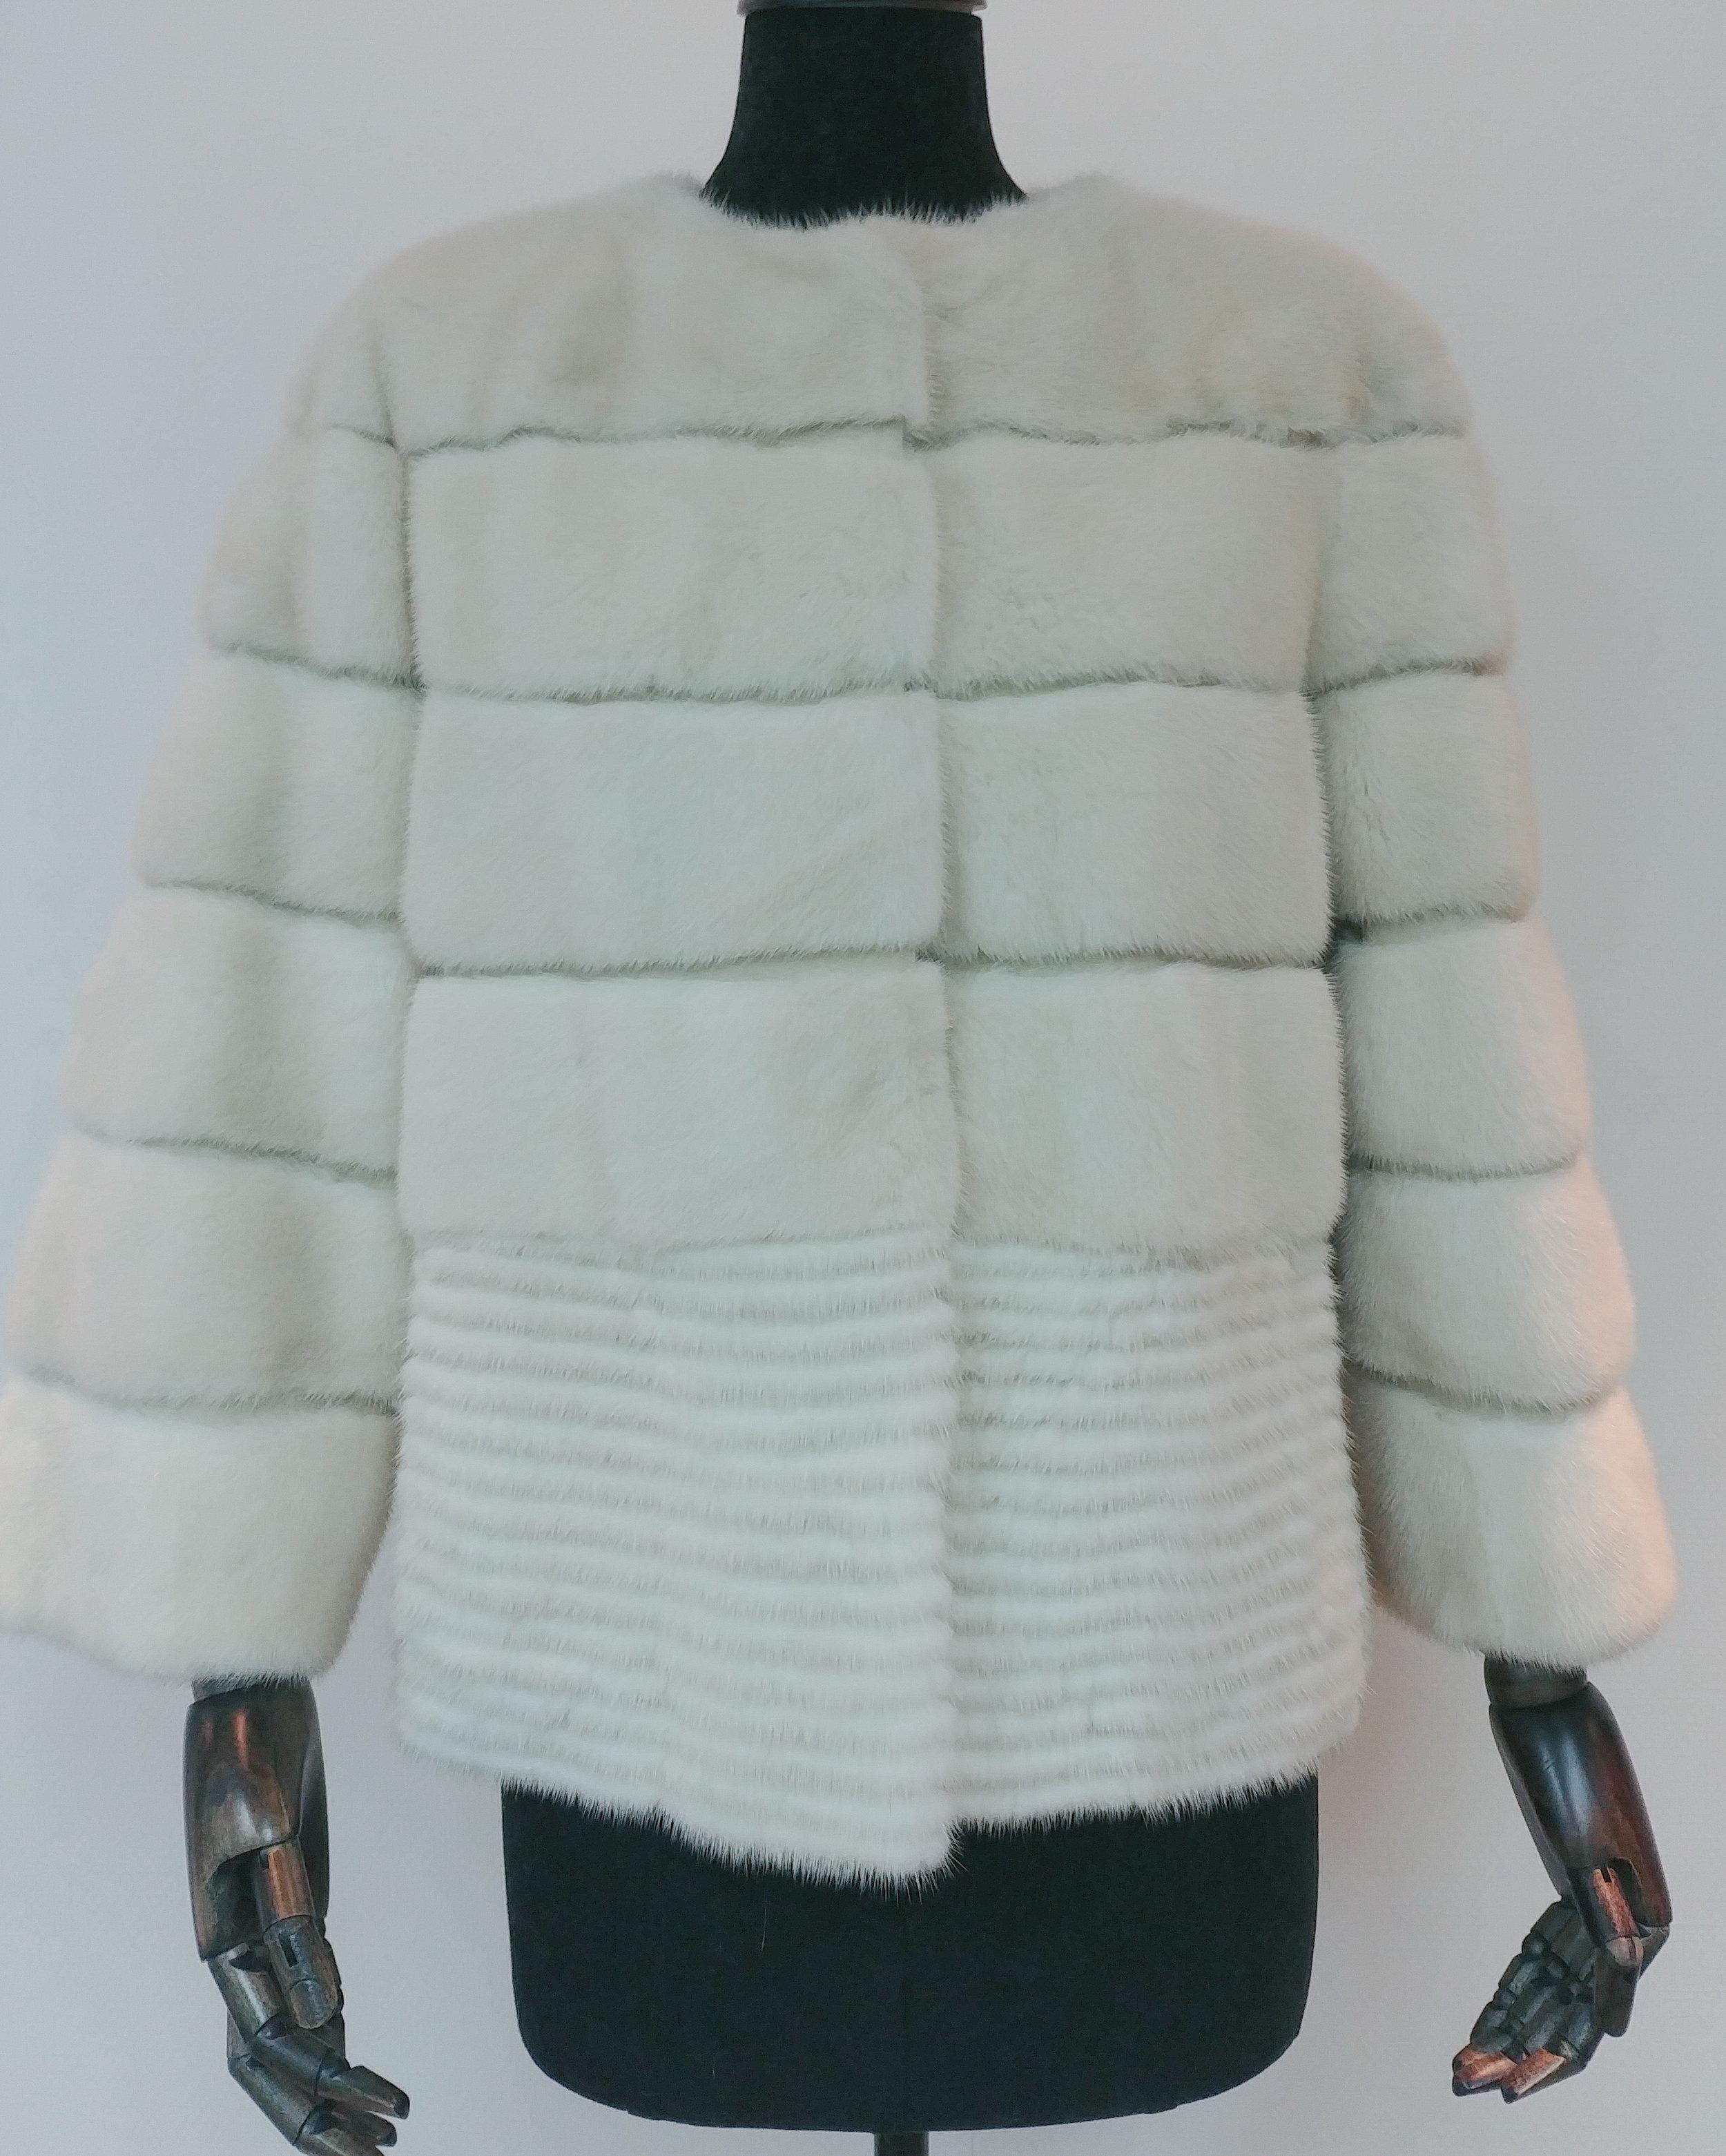 PJ52845FK - Pearl Mink Jacket US$850, special price: US$650